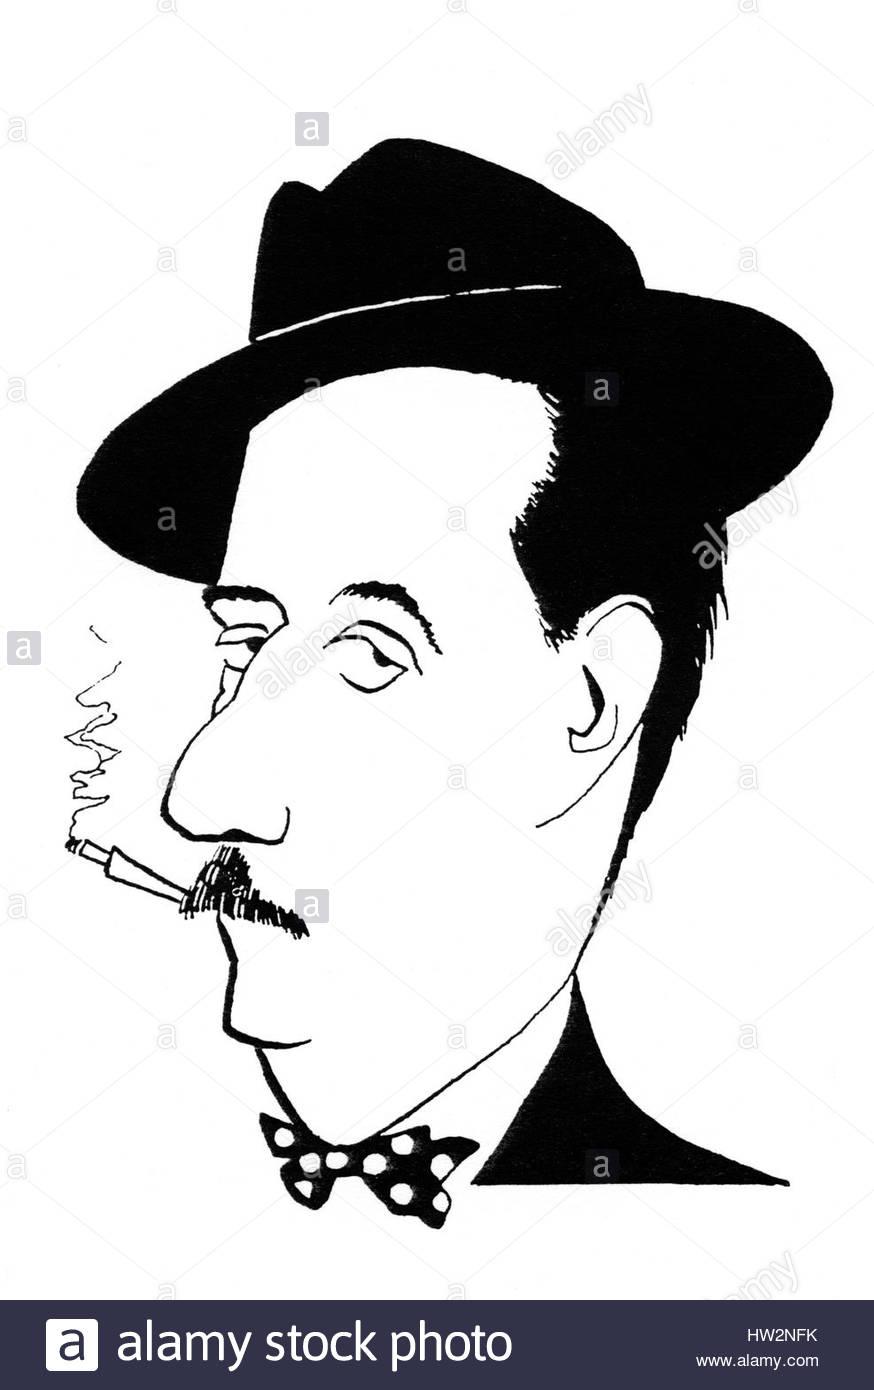 Cigarette Caricature giacomo puccini - caricature, smoking a cigarette. italian composer